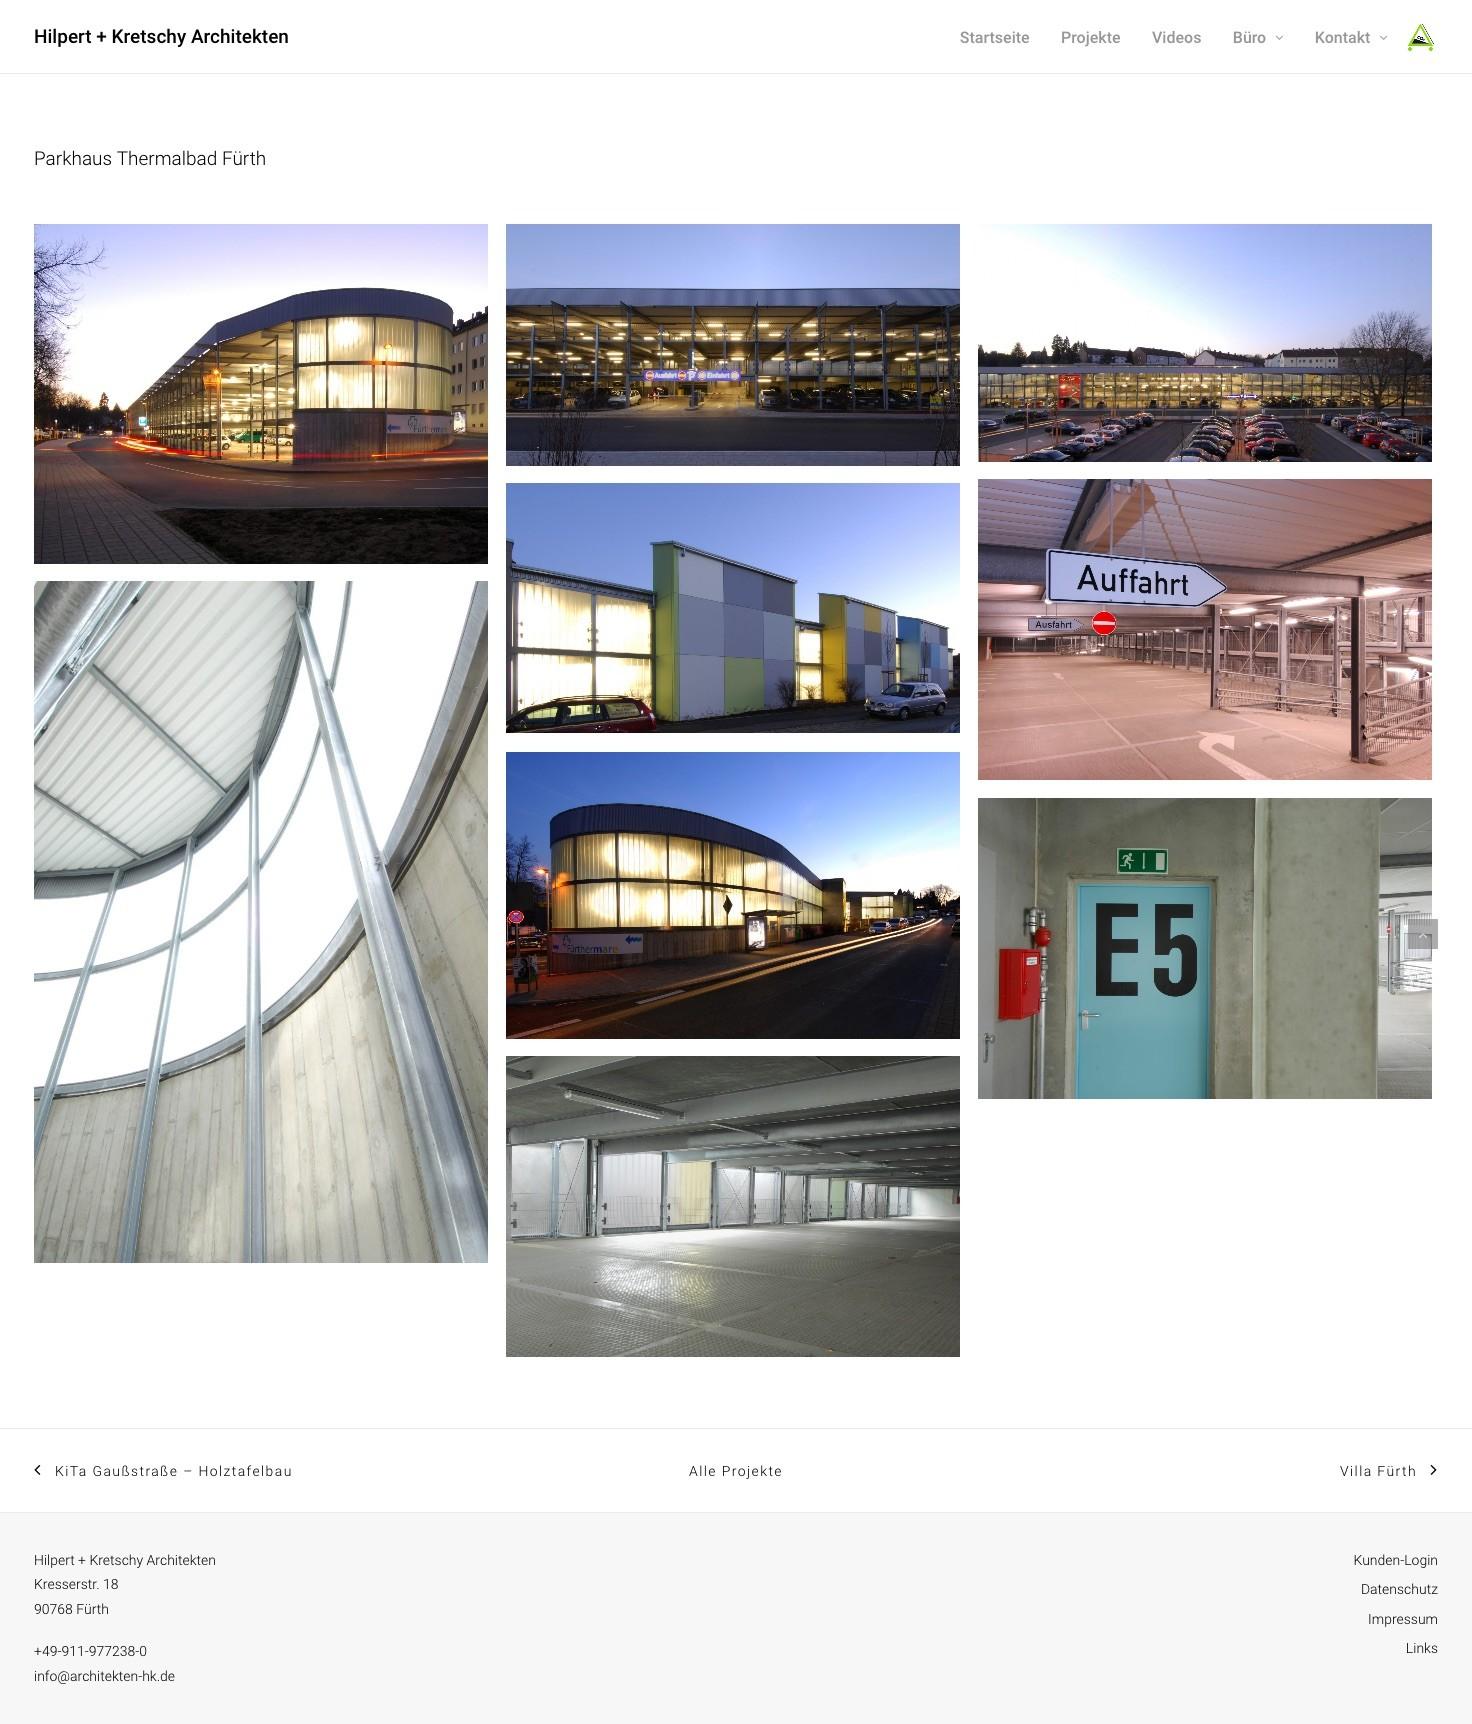 Eine Projektseite von Hilpert + Kretschy Architekten, Fürth